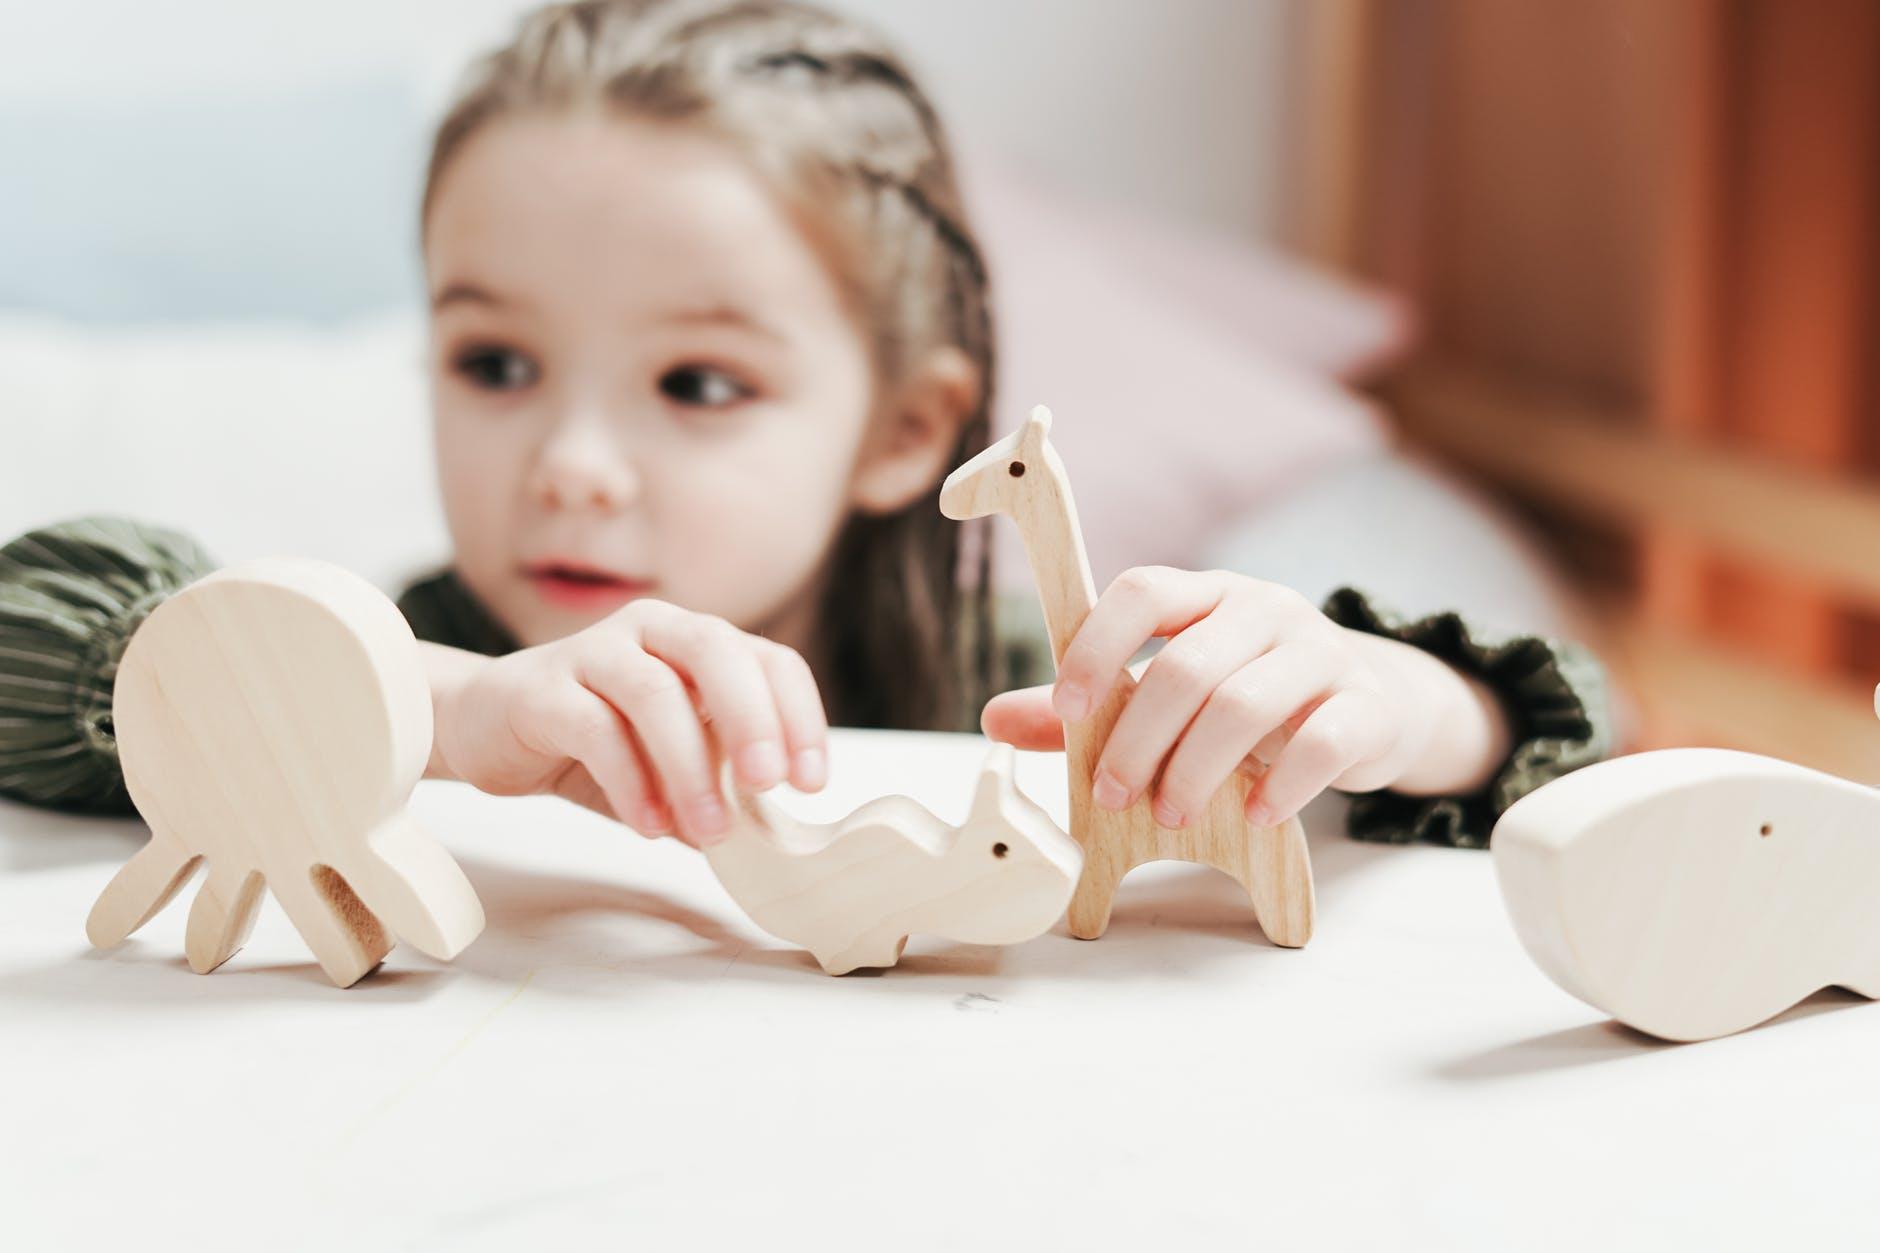 zabawki dla sześcioletniej dziewczynki